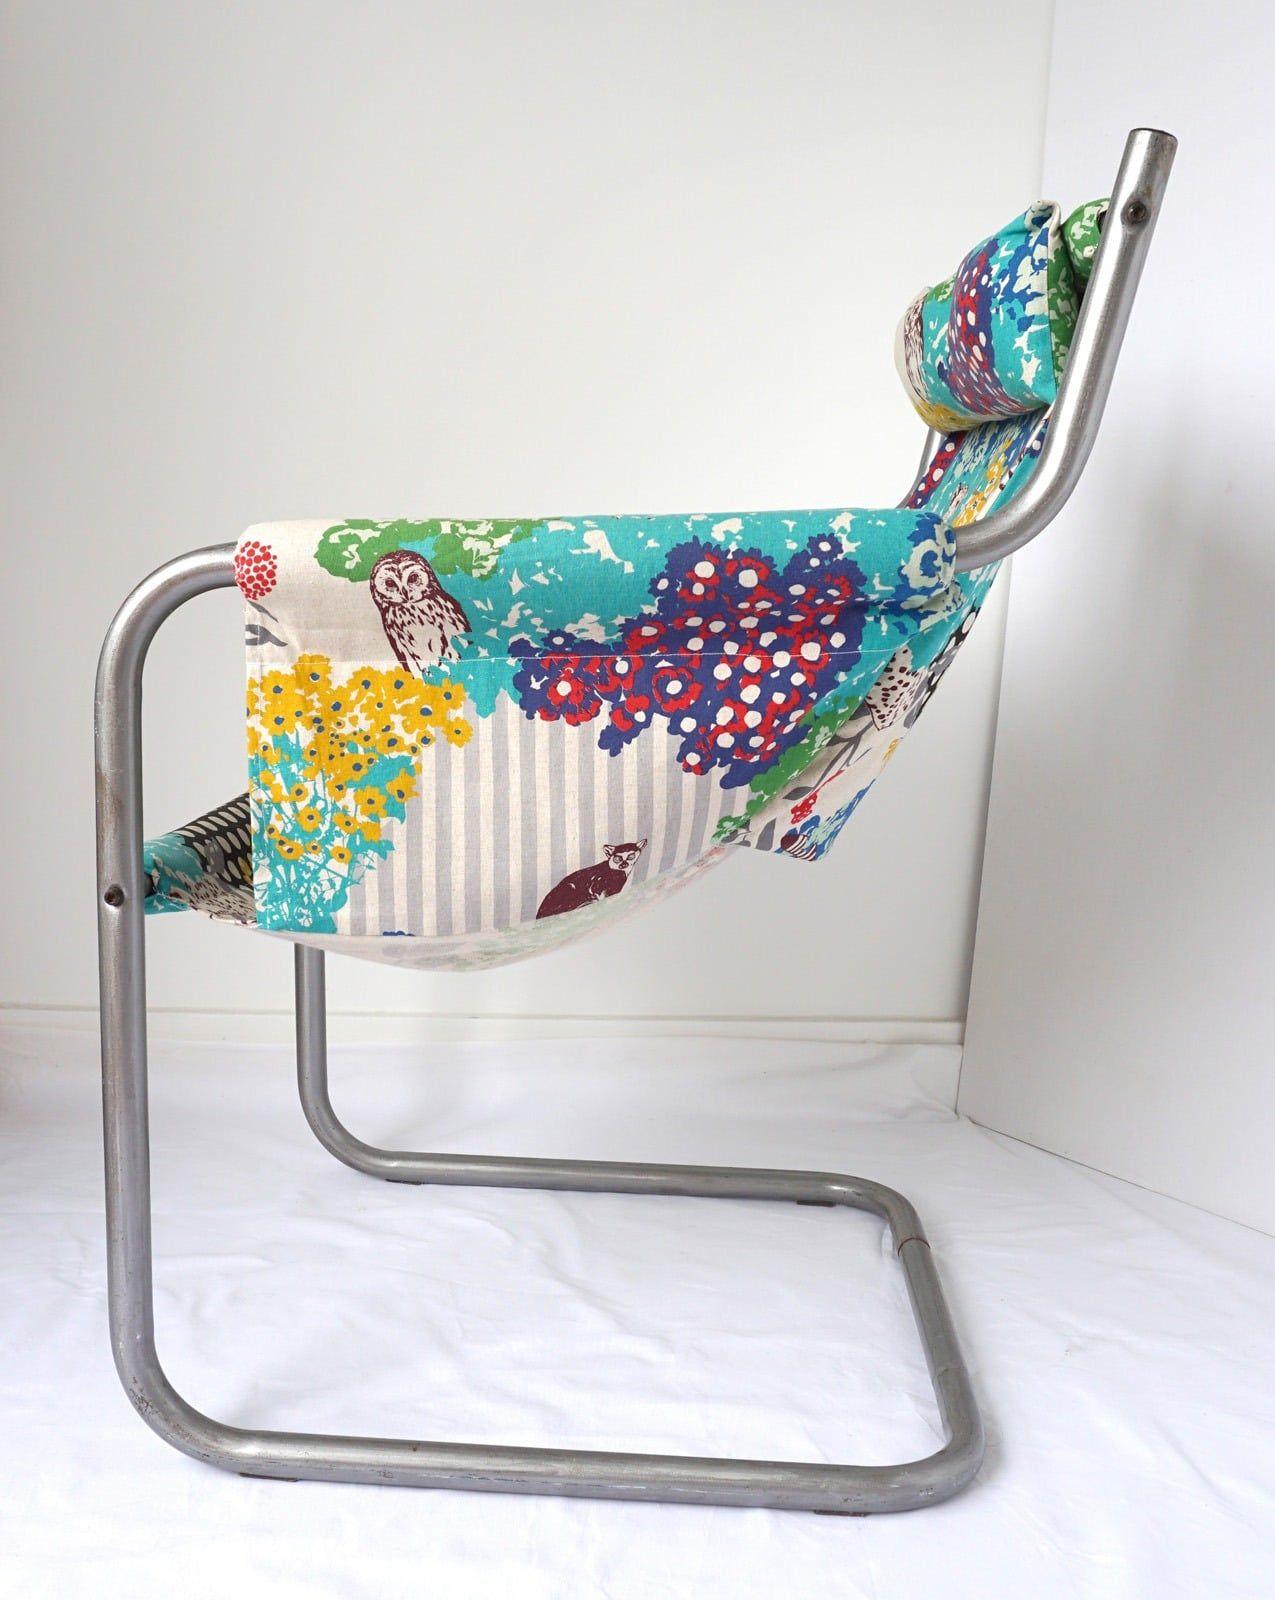 Fauteuil renove sur-mesure – Tissu coton imprime pois – rayure – animaux – 2